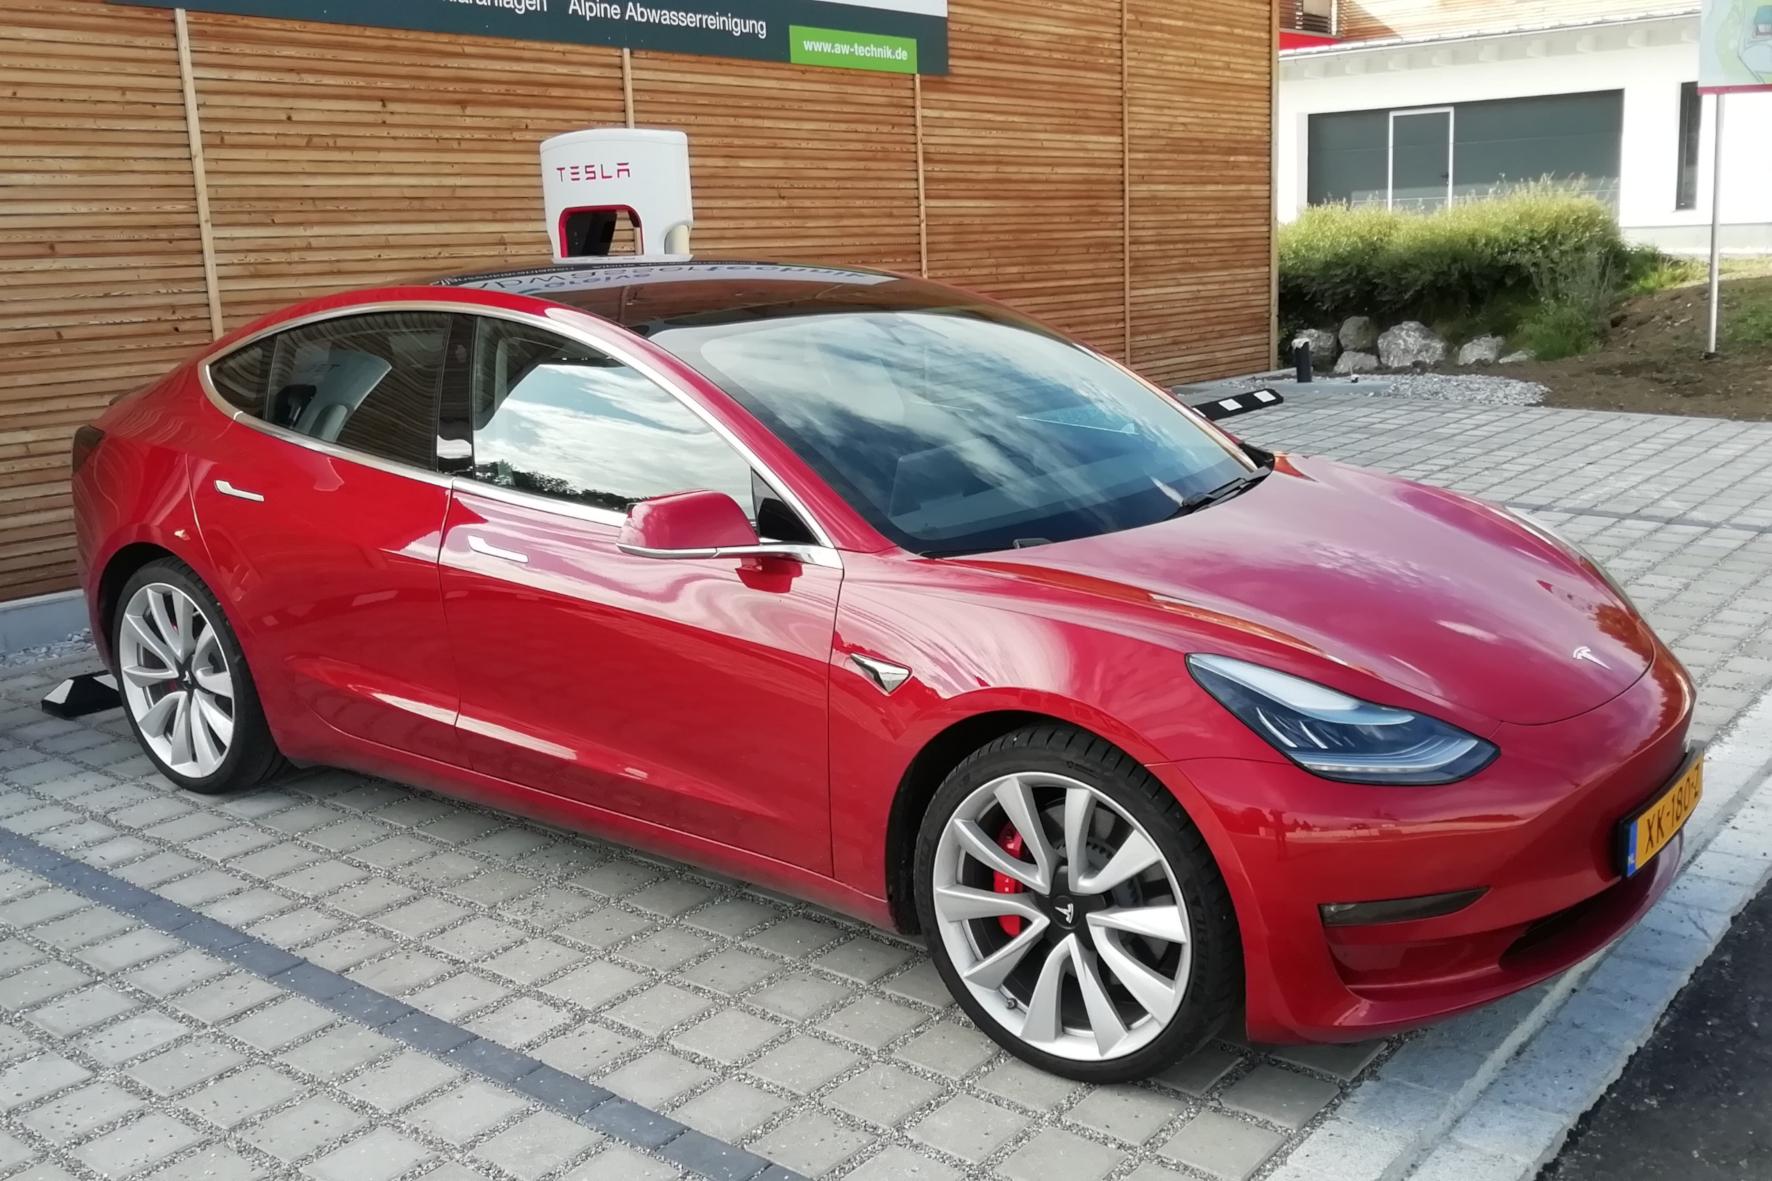 mid Groß-Gerau - Mit dem Model 3 will US-Elektroautobauer Tesla in die Gewinnzone fahren. Der Stromer darf jetzt offiziell auch im Tesla-Werk in China produziert werden. Rudolf Huber / mid